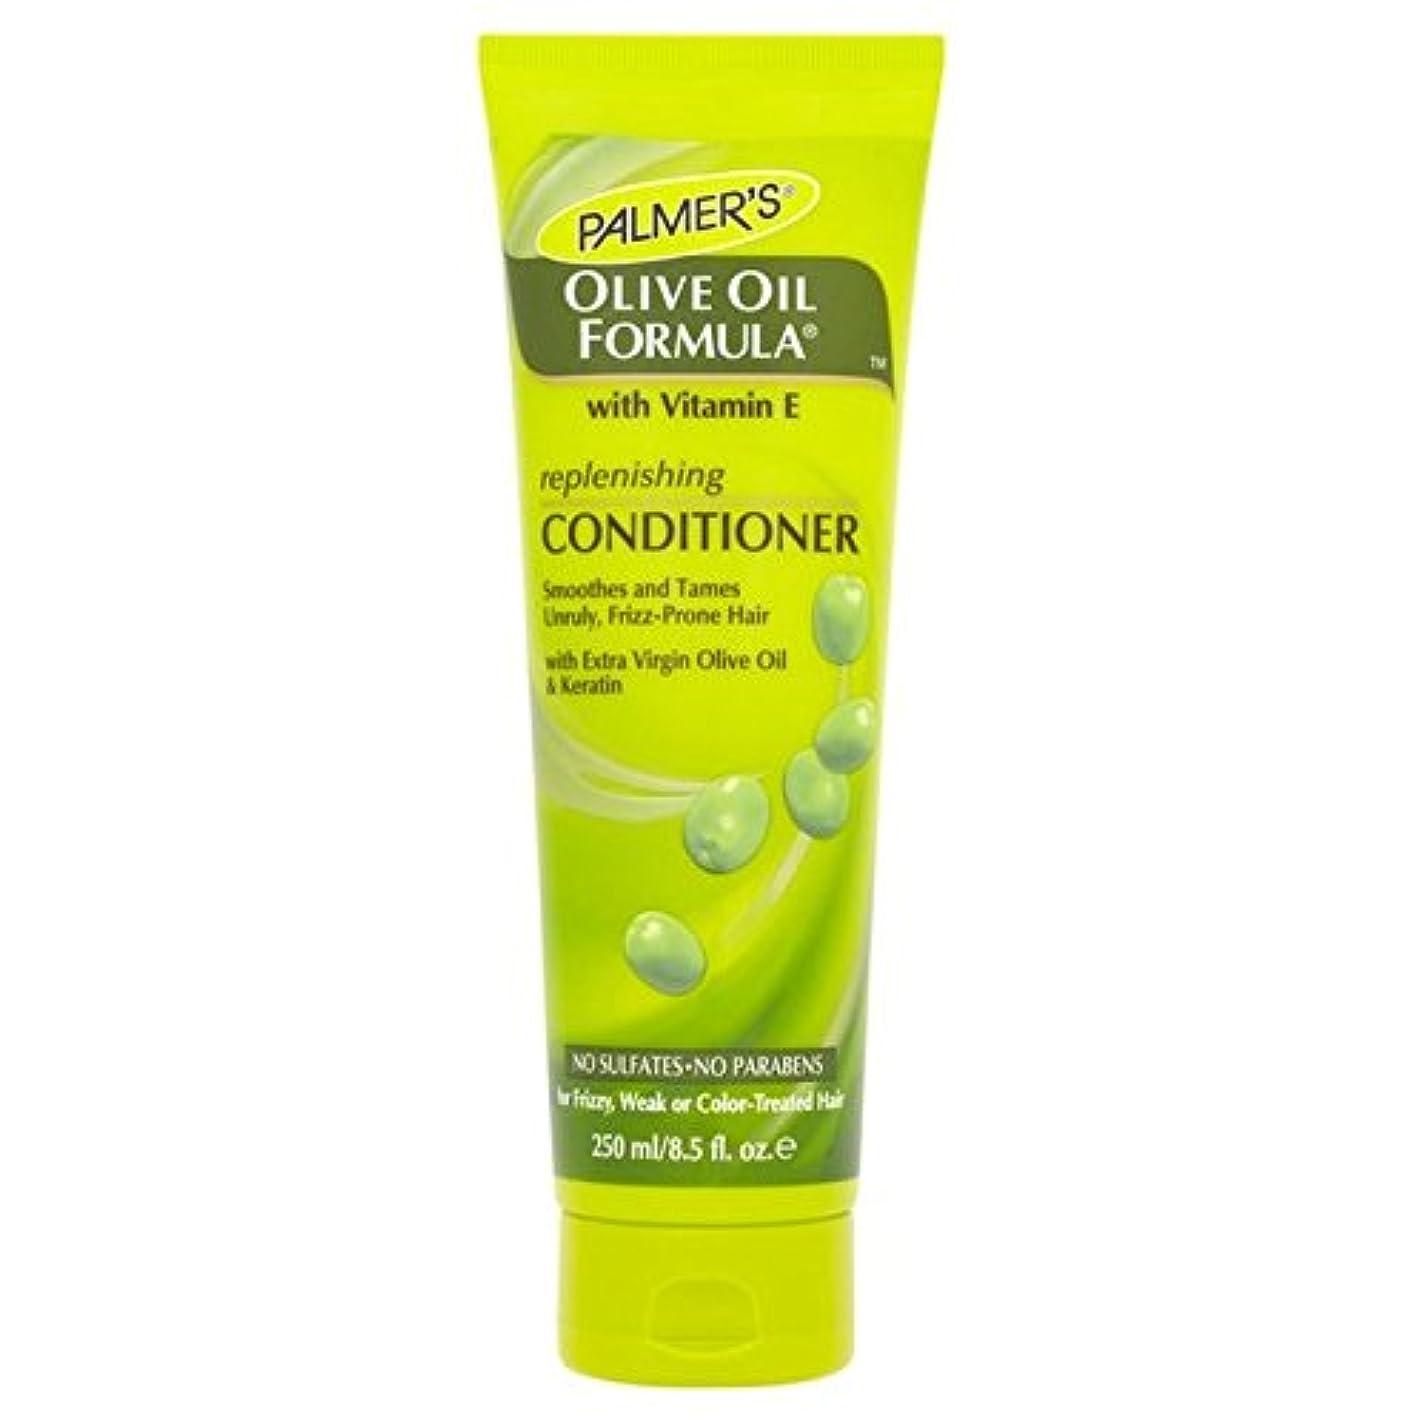 クリップフラグラント隔離するPalmer's Olive Oil Formula Restoring Conditioner 250ml - パーマーのオリーブオイル式リストアコンディショナー250 [並行輸入品]